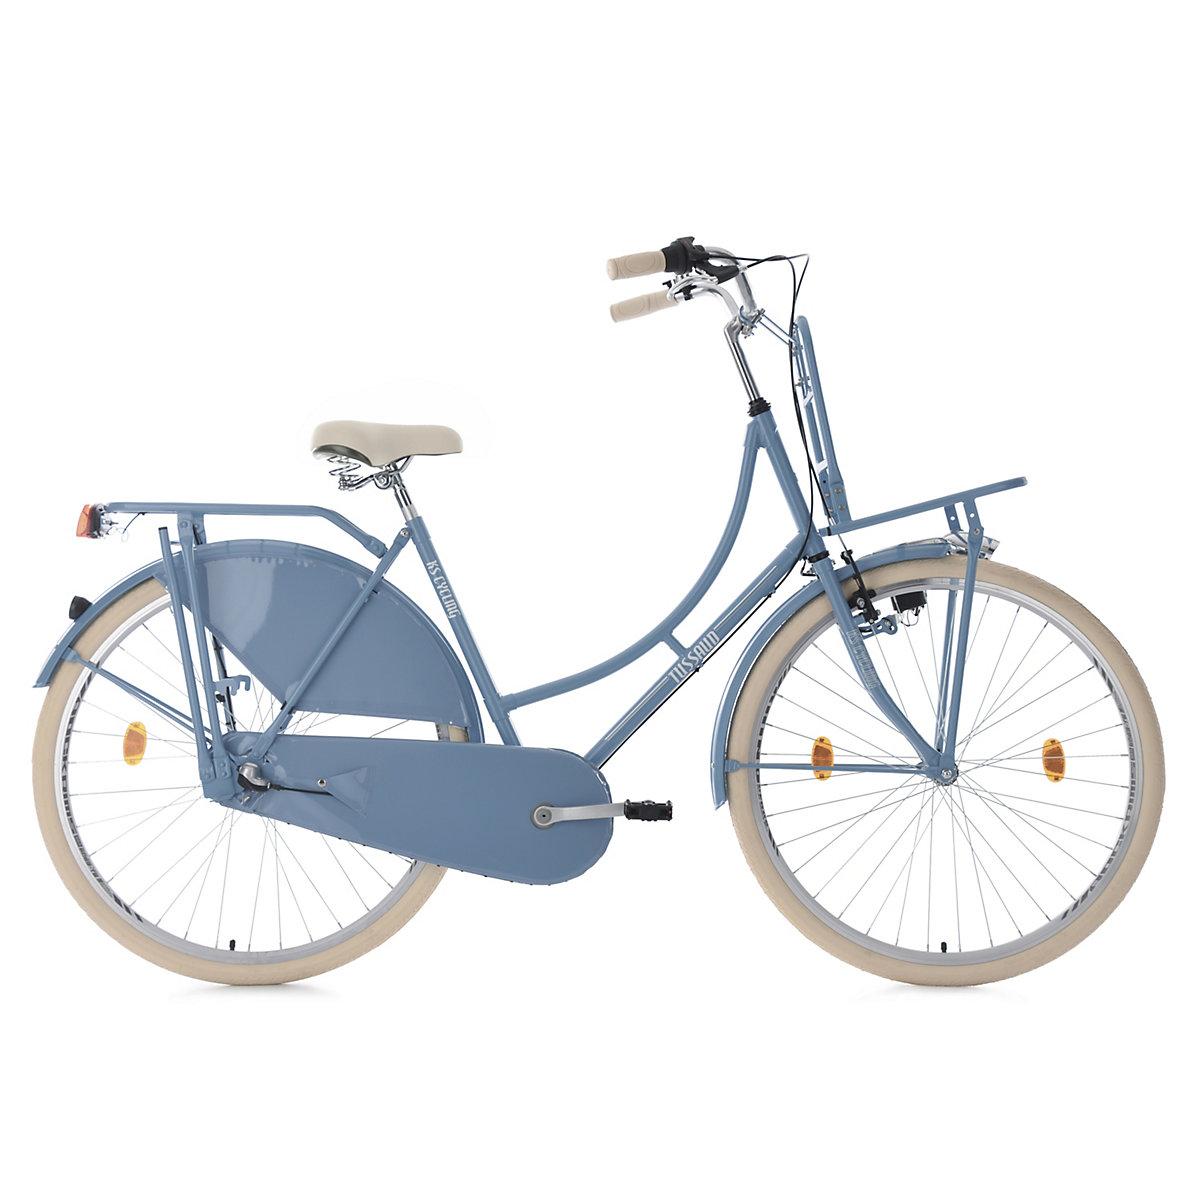 Hollandrad KS Cycling Tussaud 28 Zoll 54cm 3 Gang mit Frontgepäckträger Damen – blau